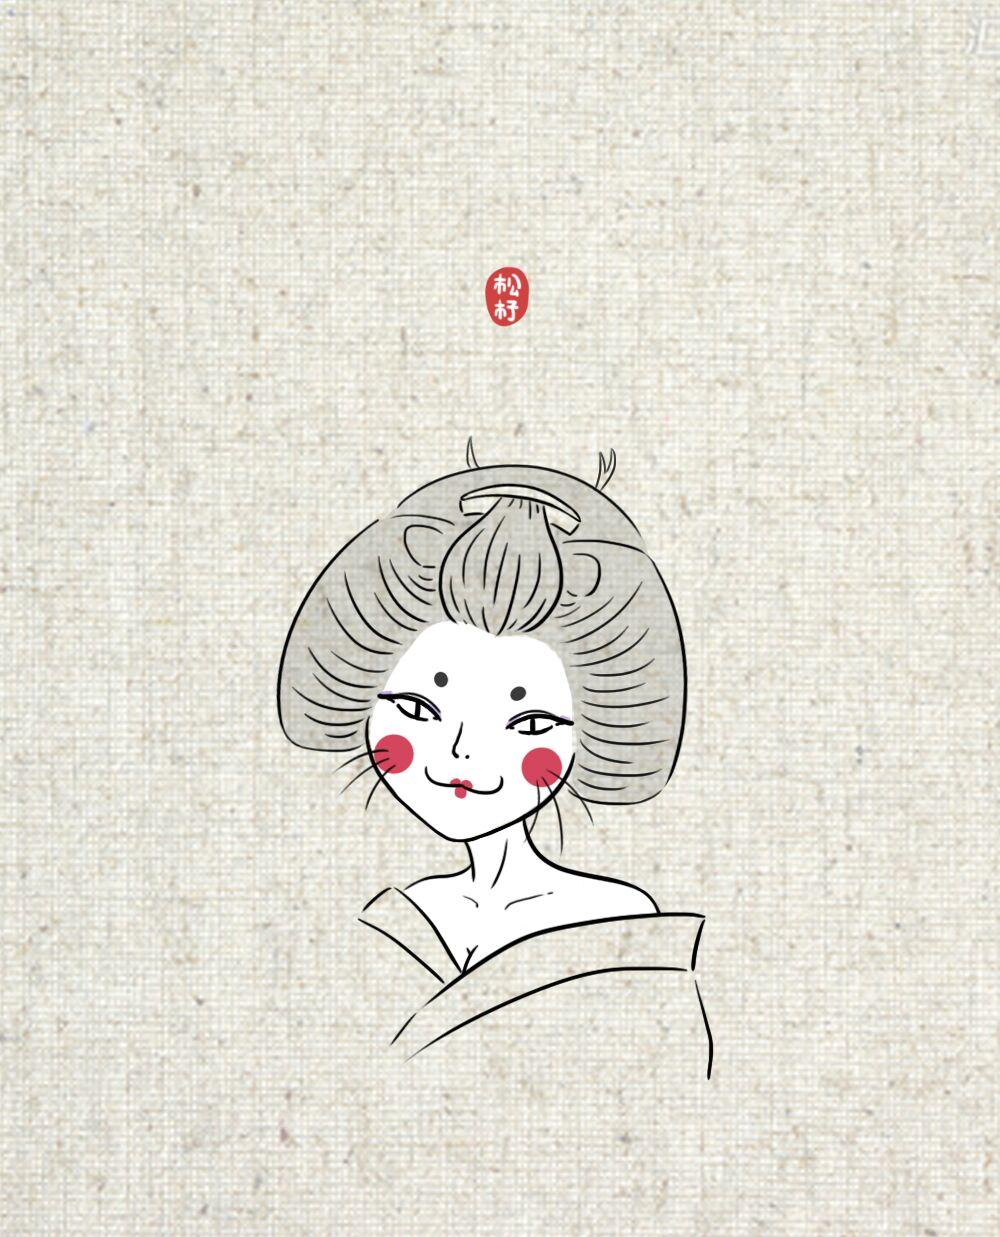 微信手绘头像 艺妓